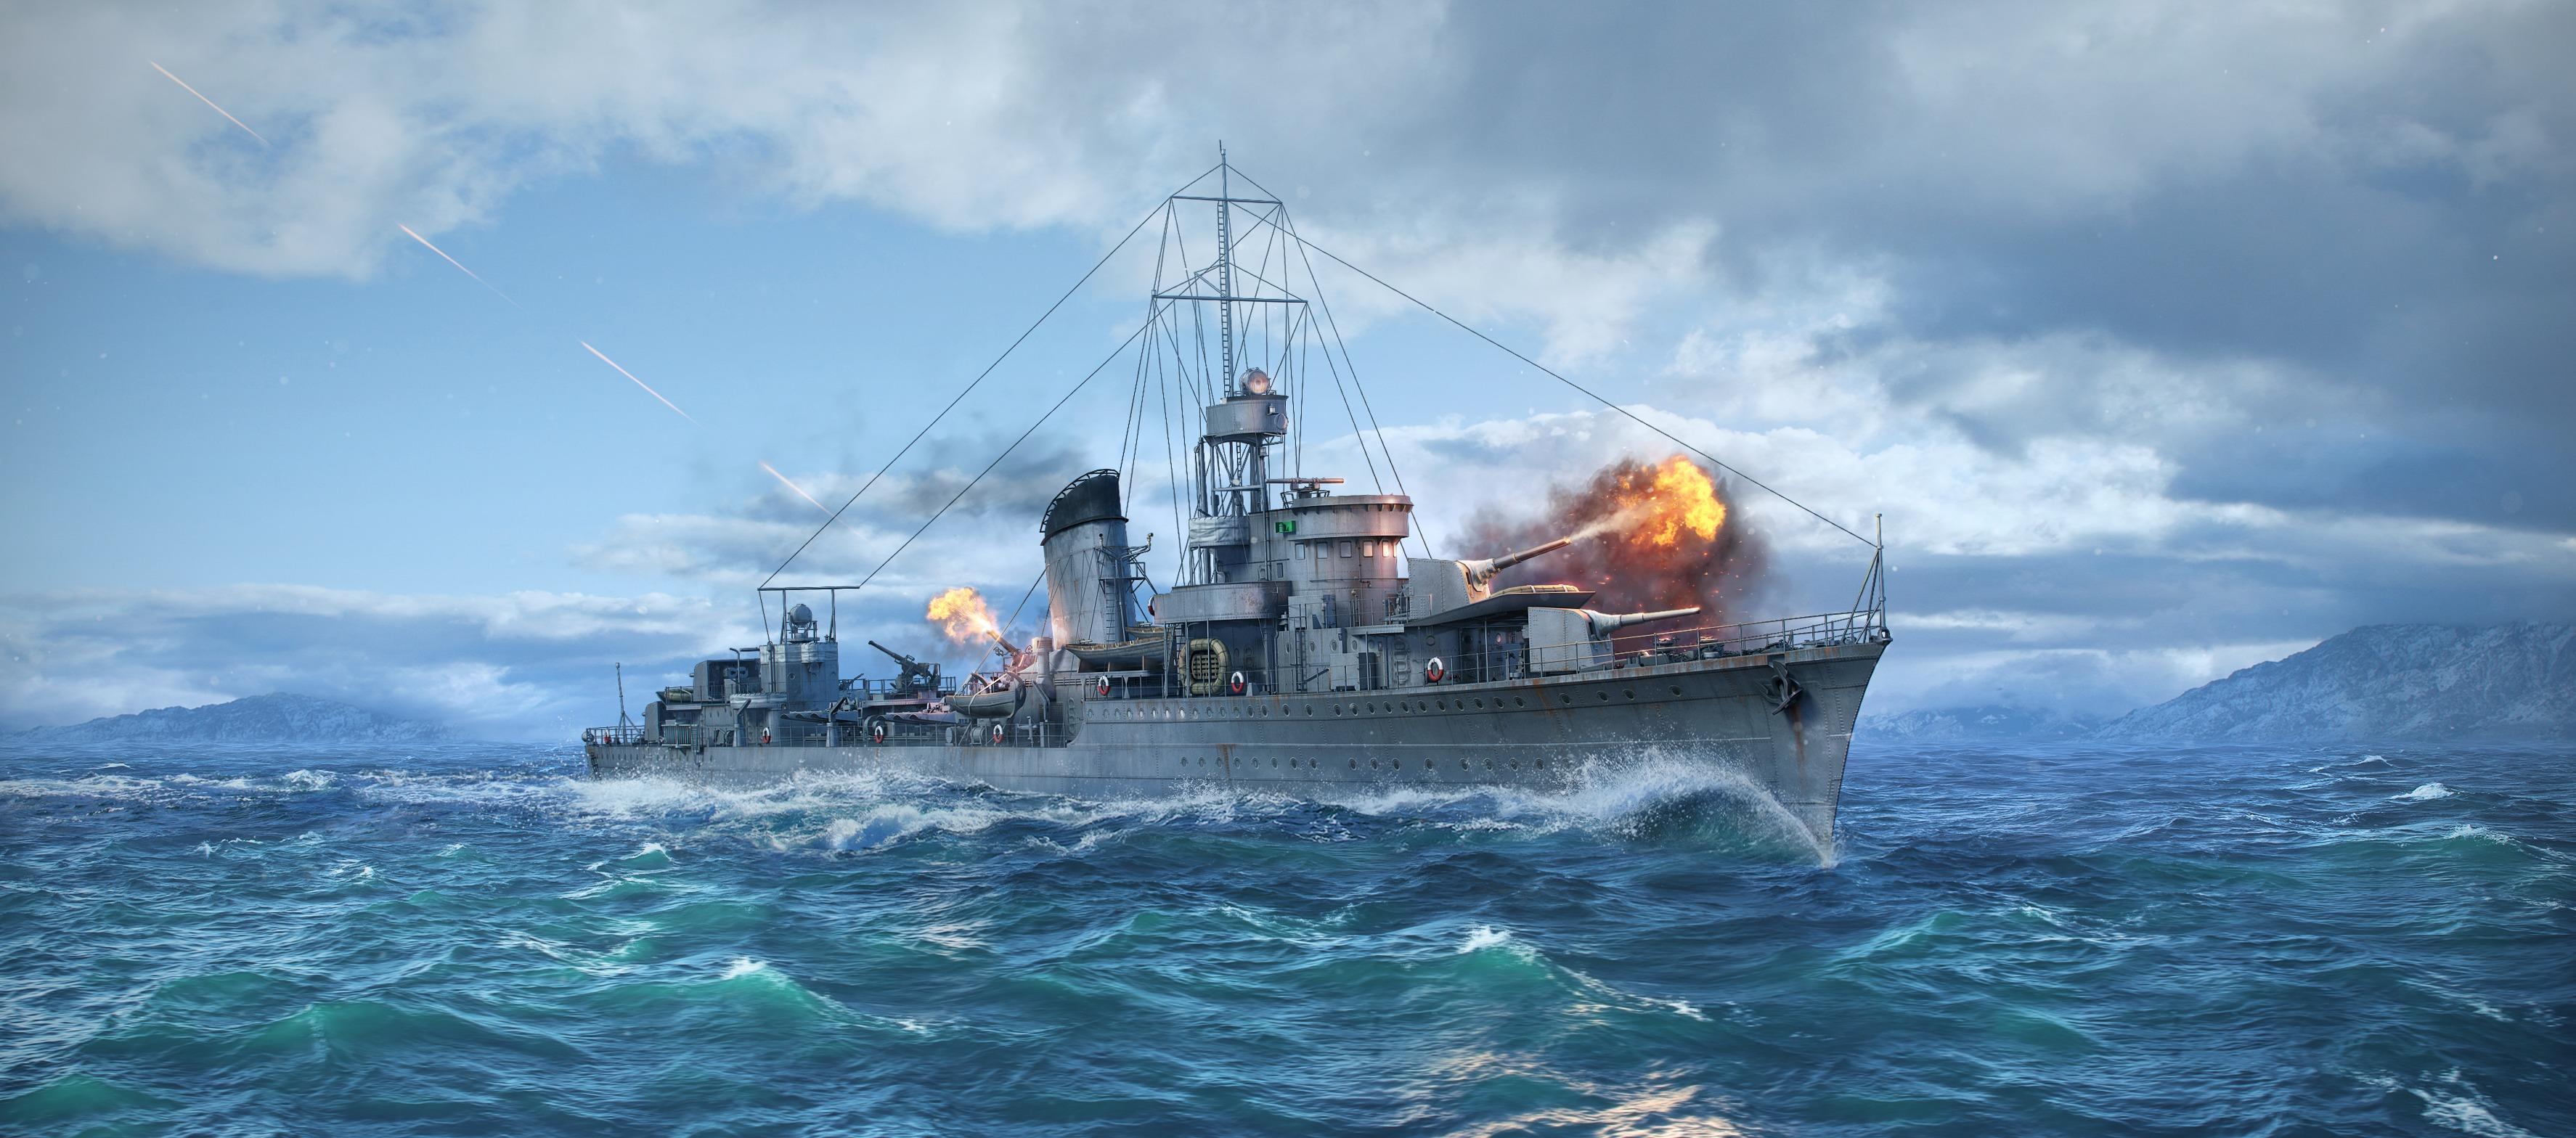 обои для рабочего стола world of warships 1280x1024 № 248396 загрузить